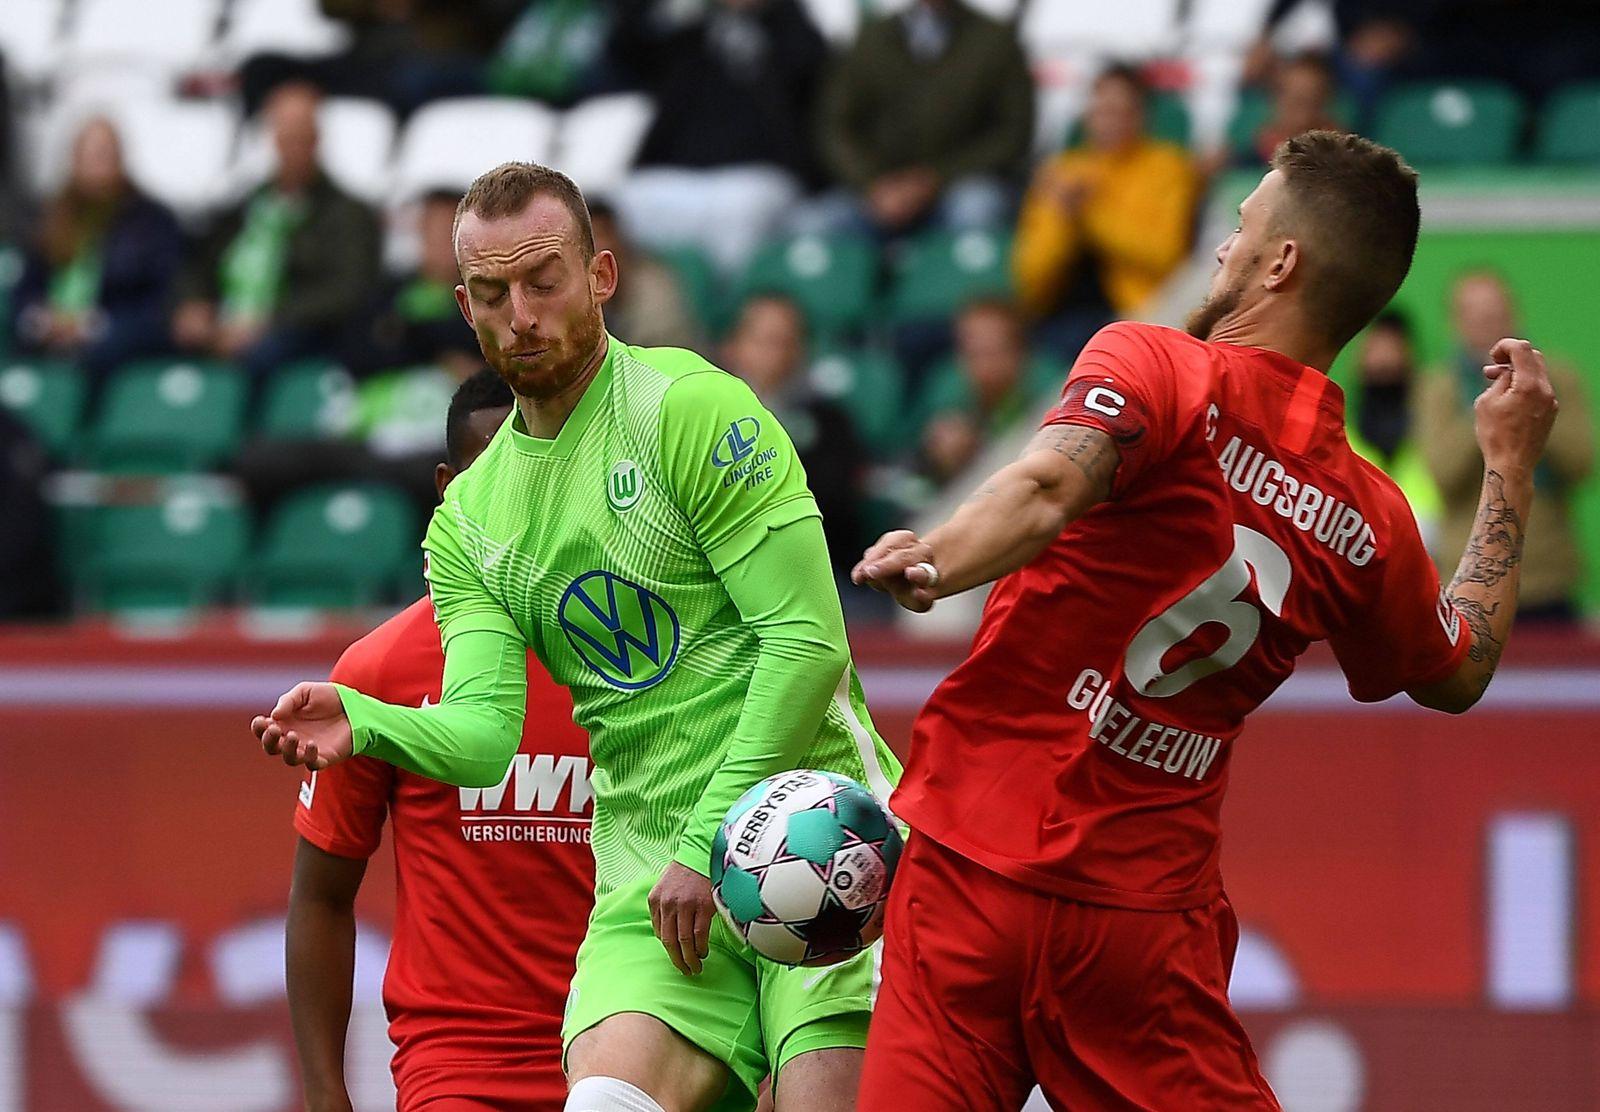 04.10.2020, xjhx, Fussball 1.Bundesliga, VfL Wolfsburg - FC Augsburg emspor, v.l. Maximilian Arnold (VfL Wolfsburg), Je